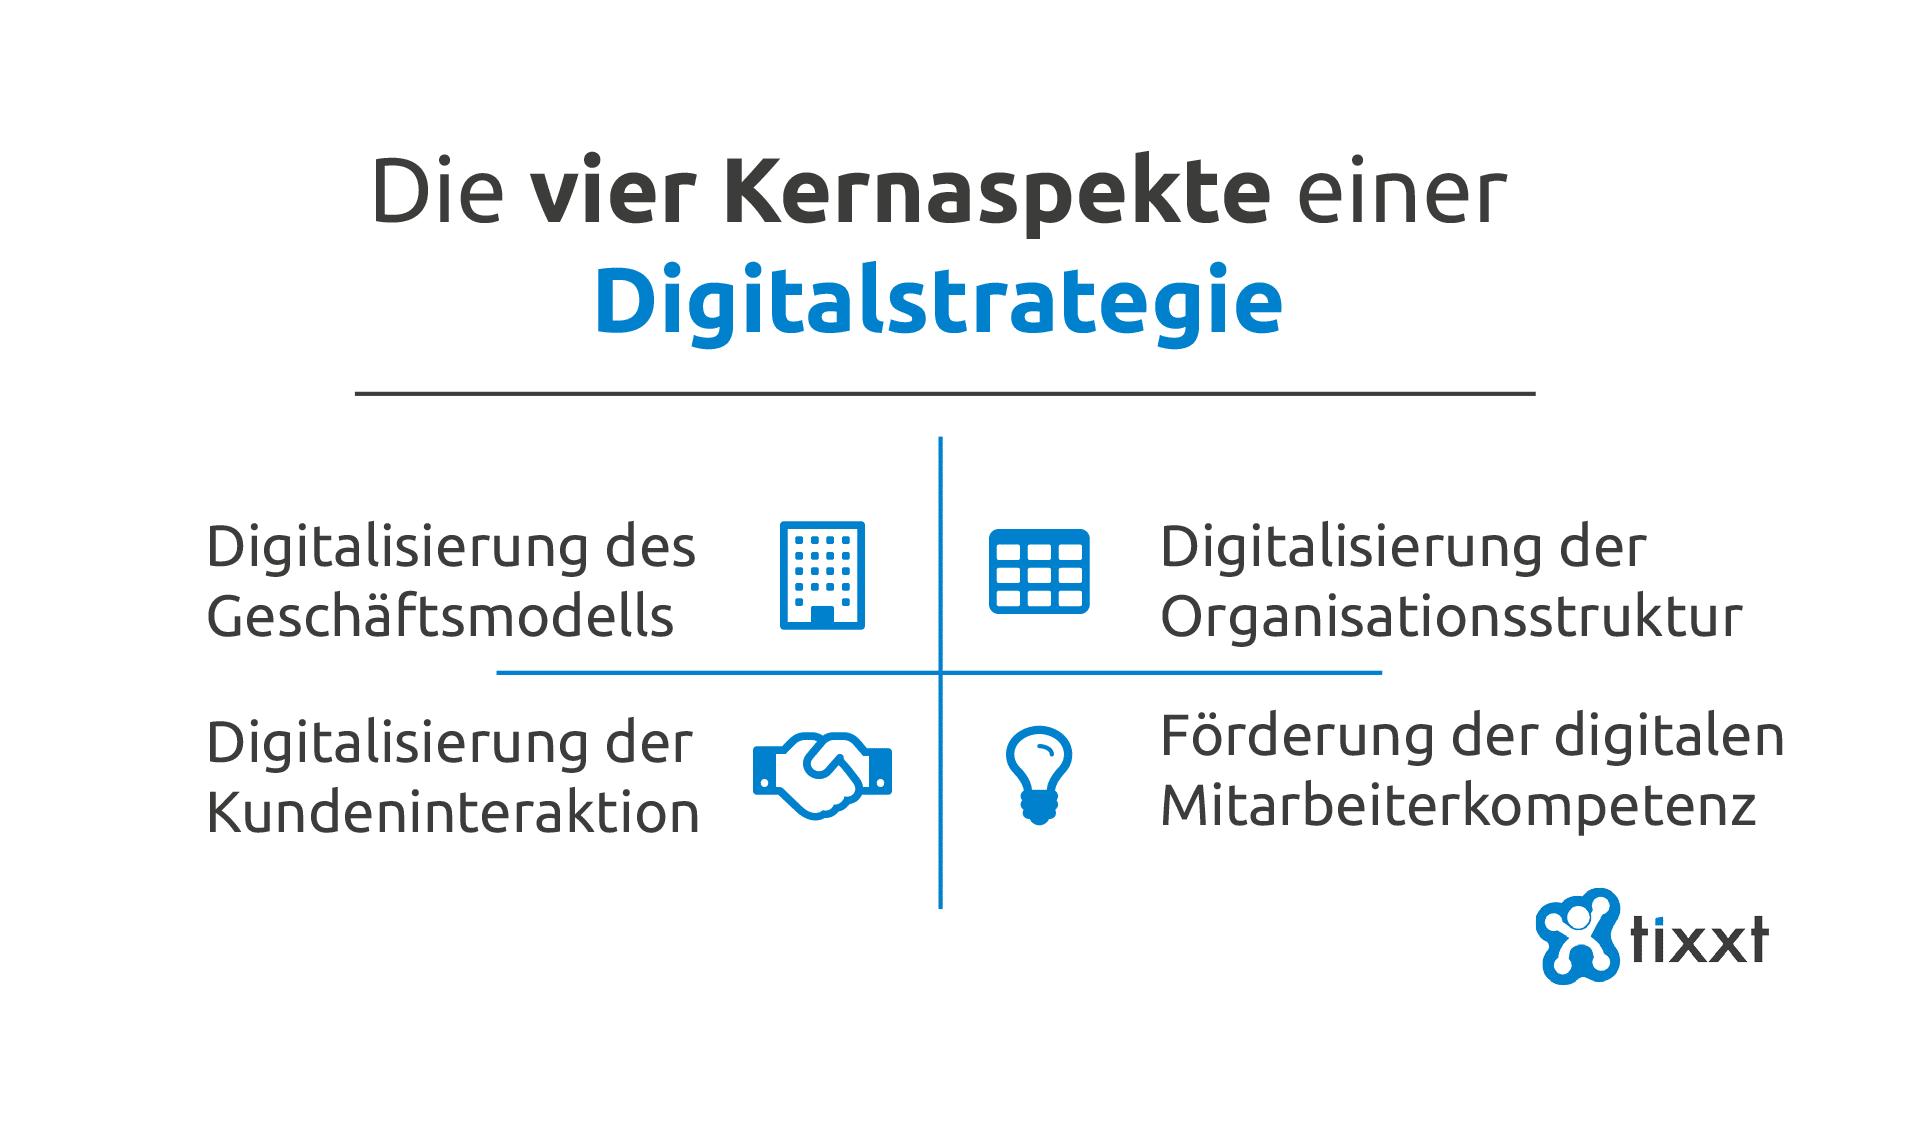 Digitalstrategie Kernaspekte